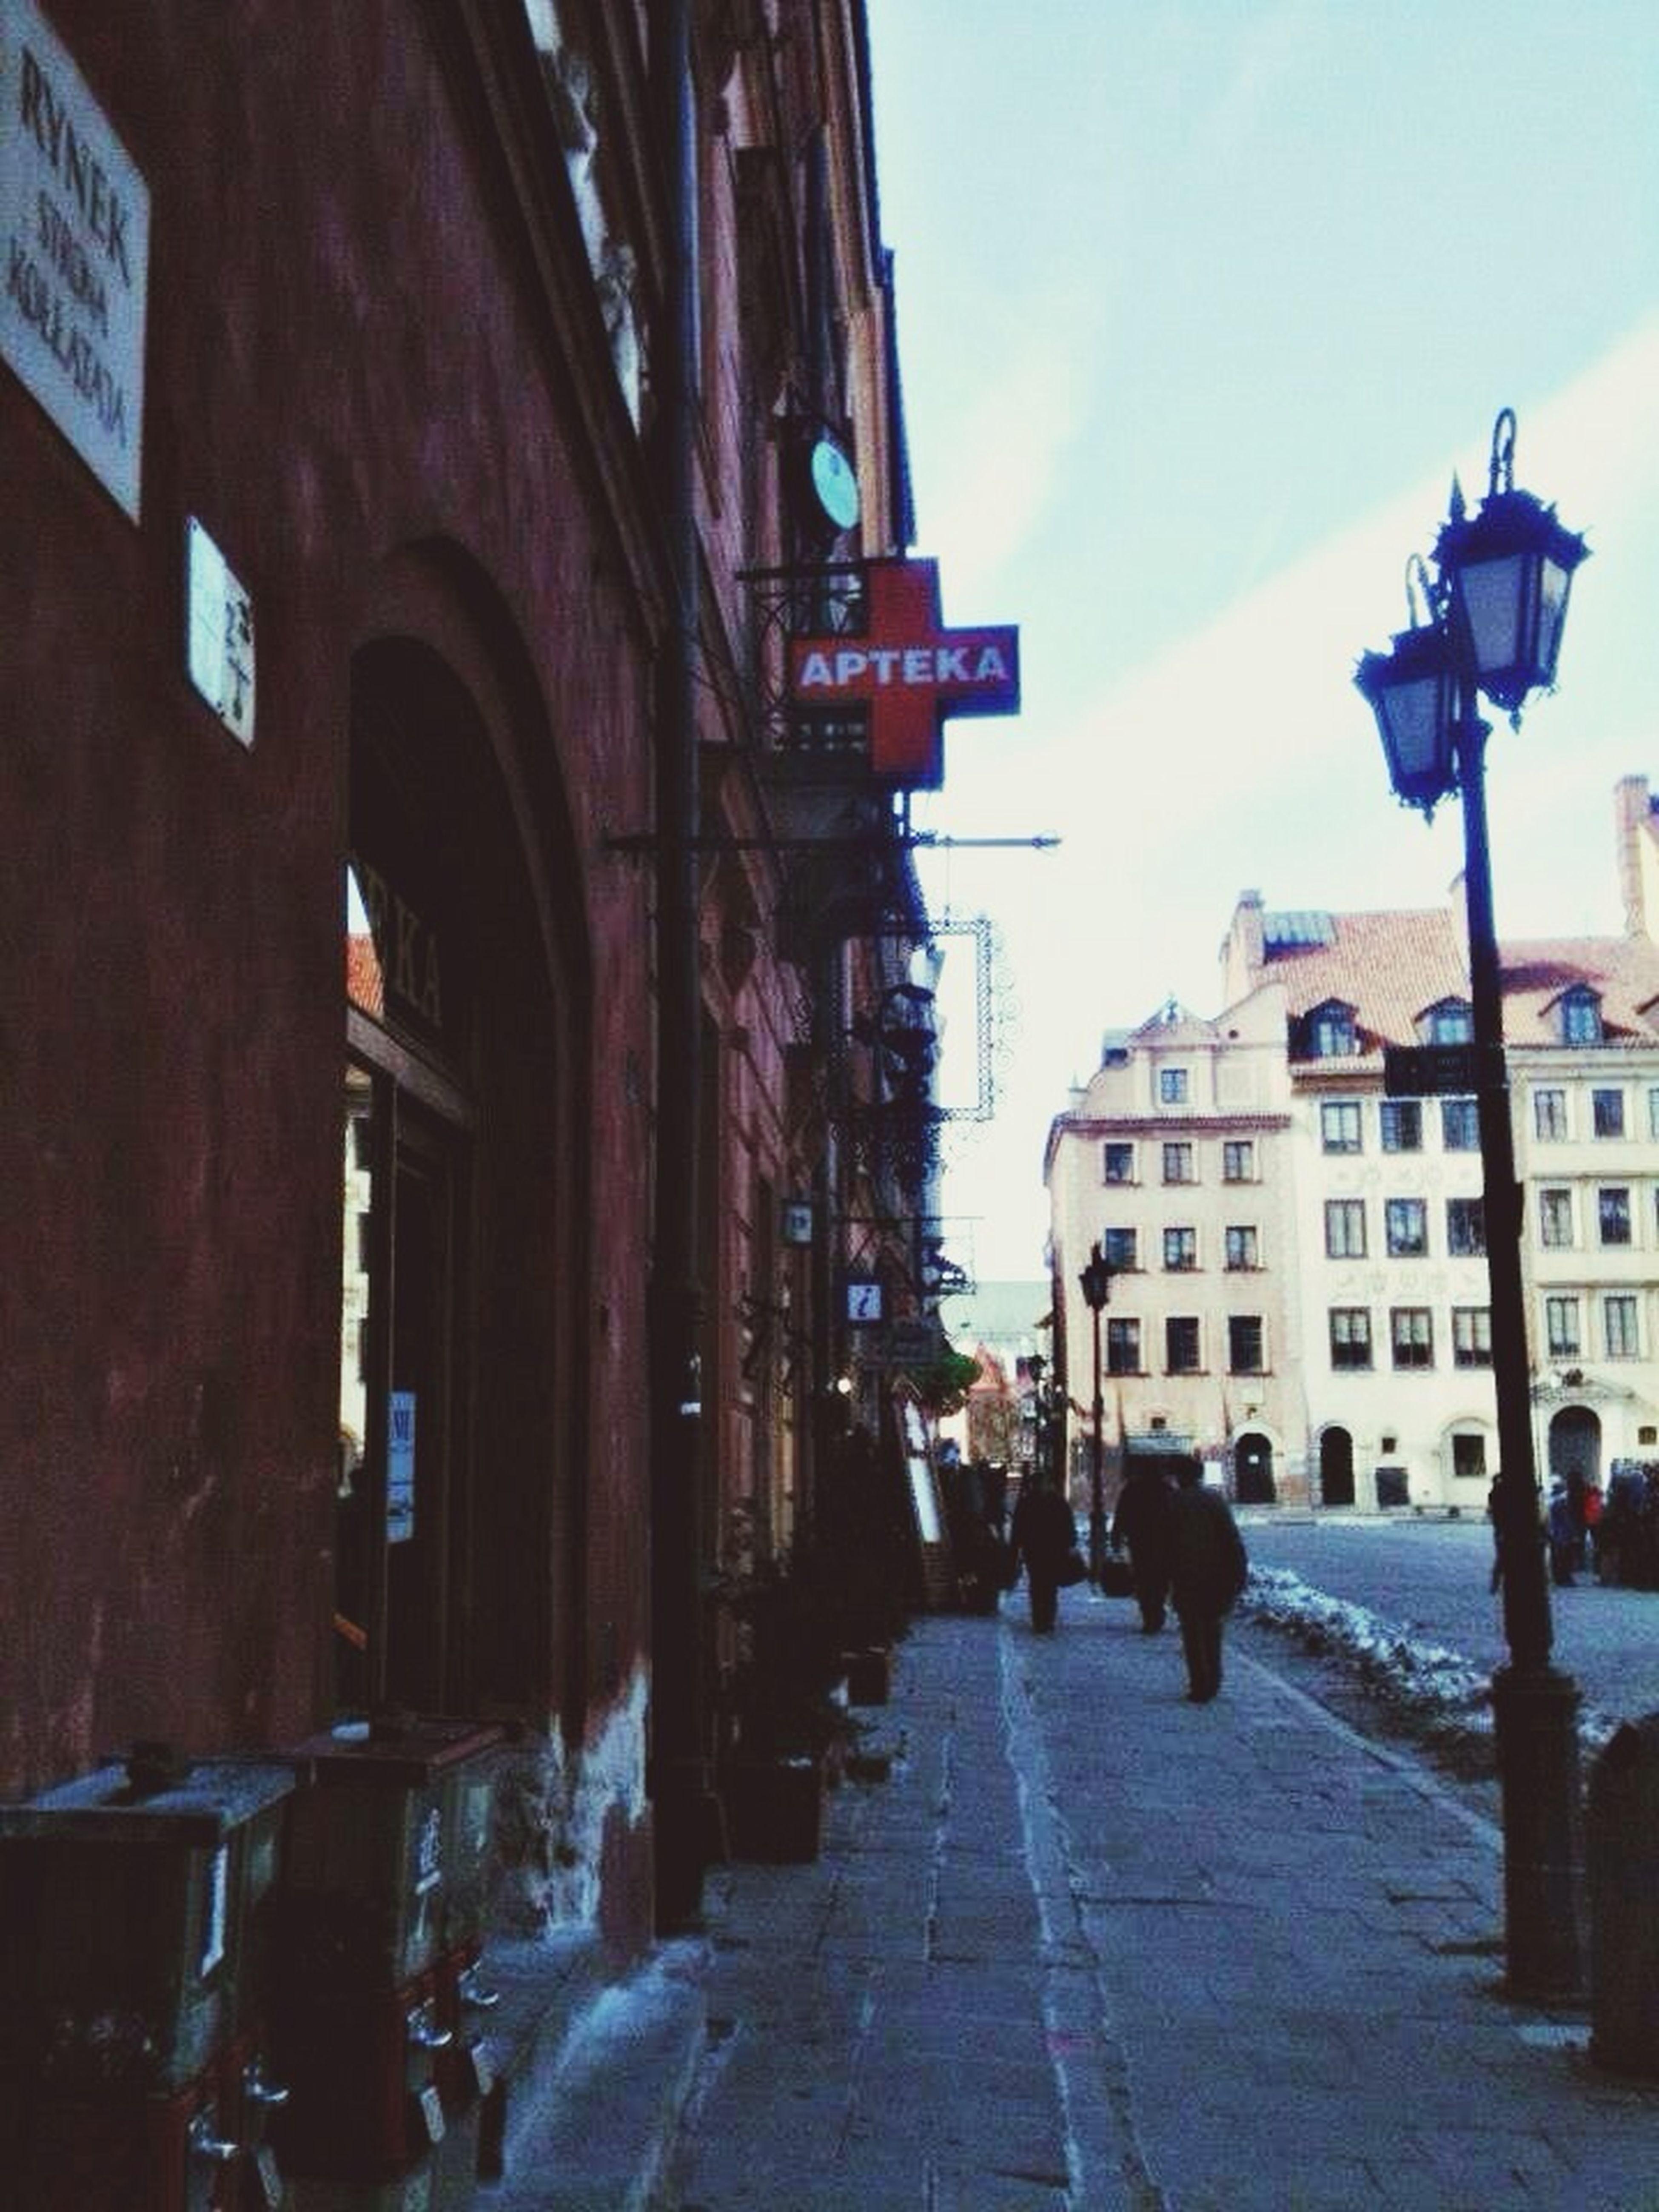 Old Town, Warsaw Stare Miniasto Warsaw Poland Spring 2013 Apotheke